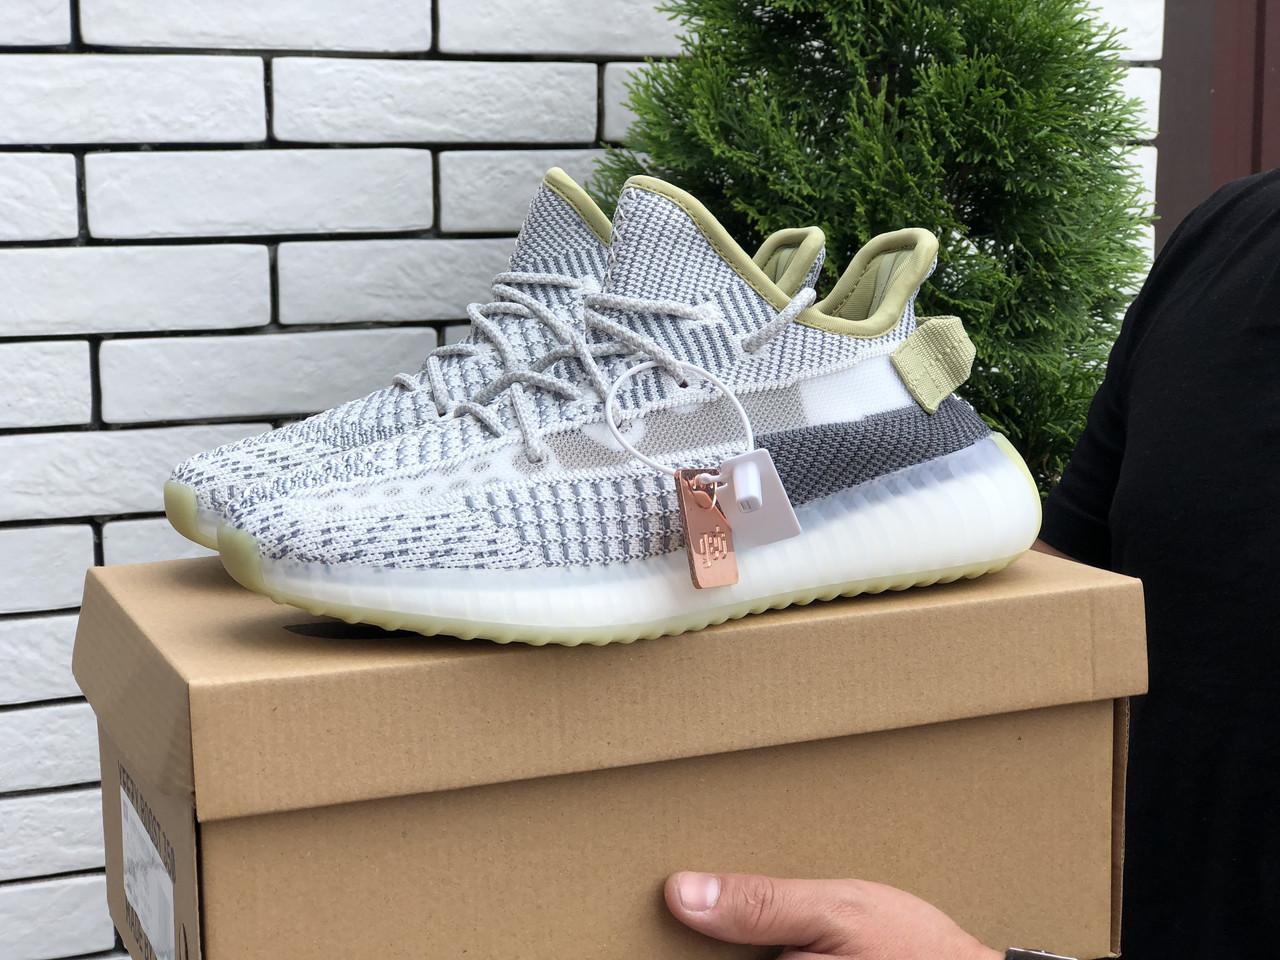 Чоловічі кроссовки Adidas Yeezy Boost 350 v2 Lime/gray